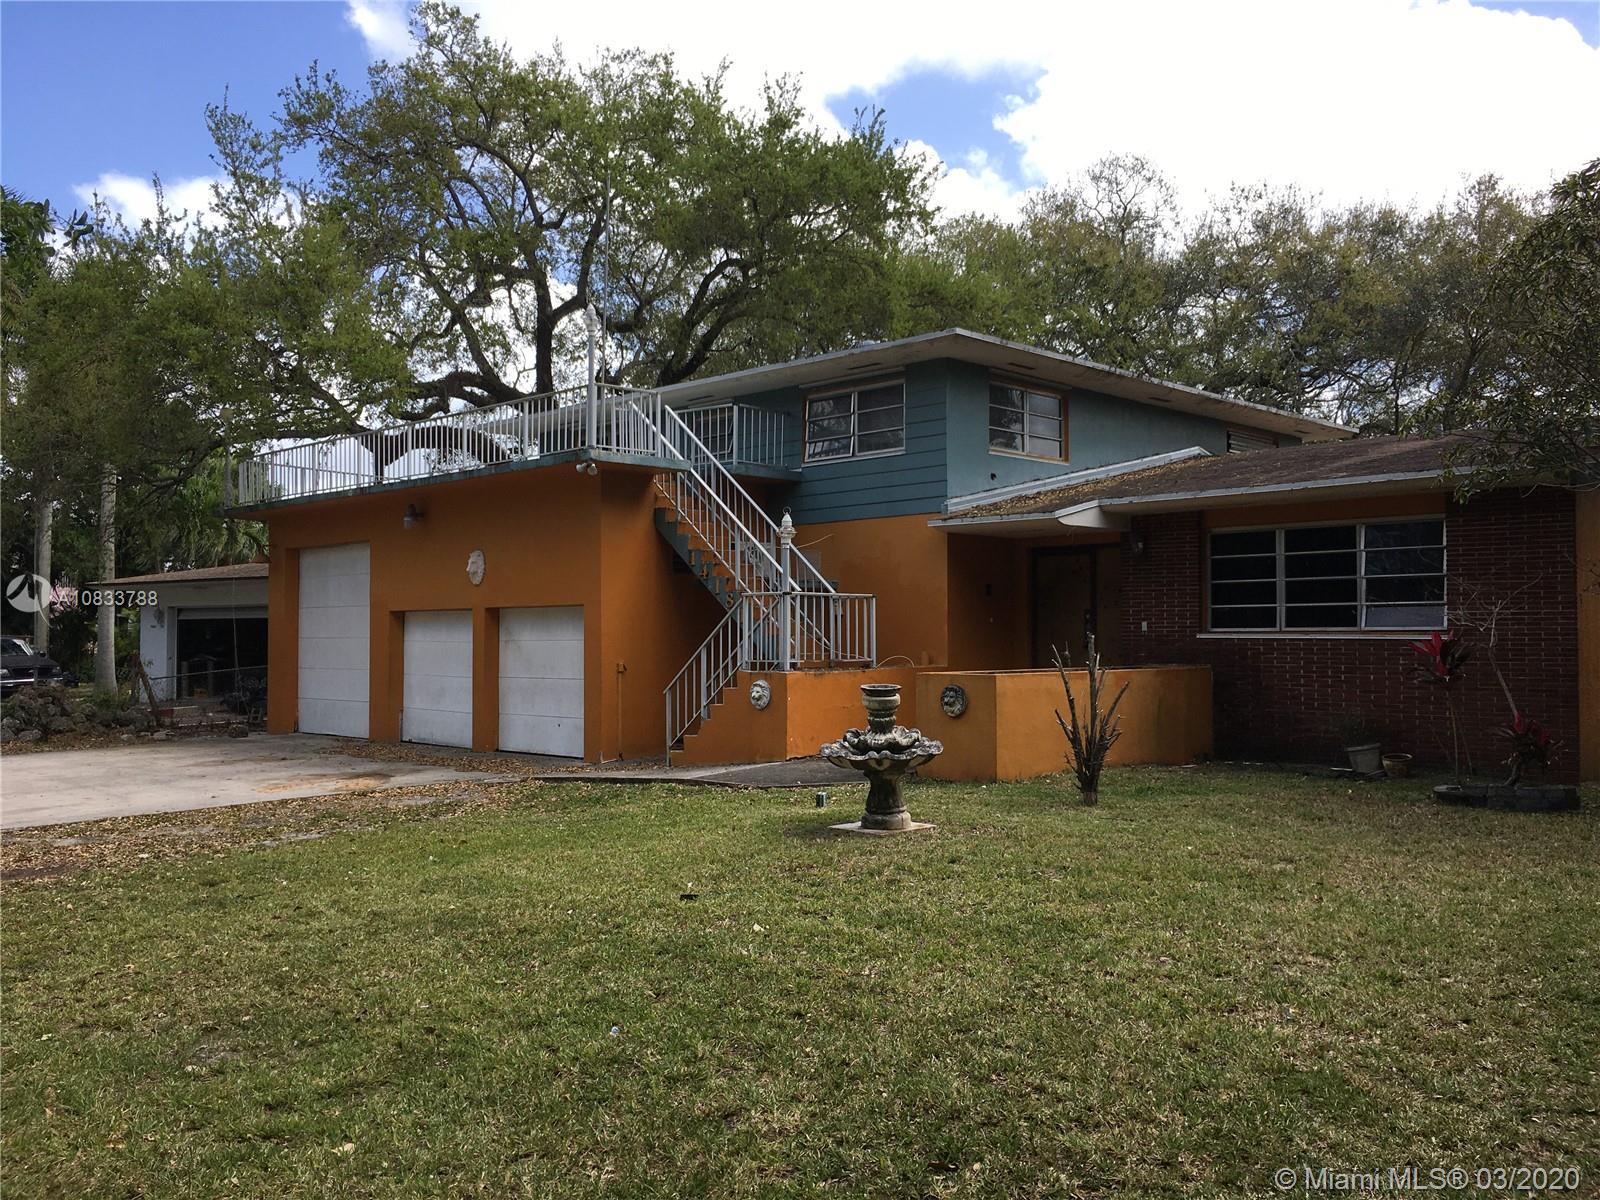 14181 NW 14th Dr, Miami Shores, Florida